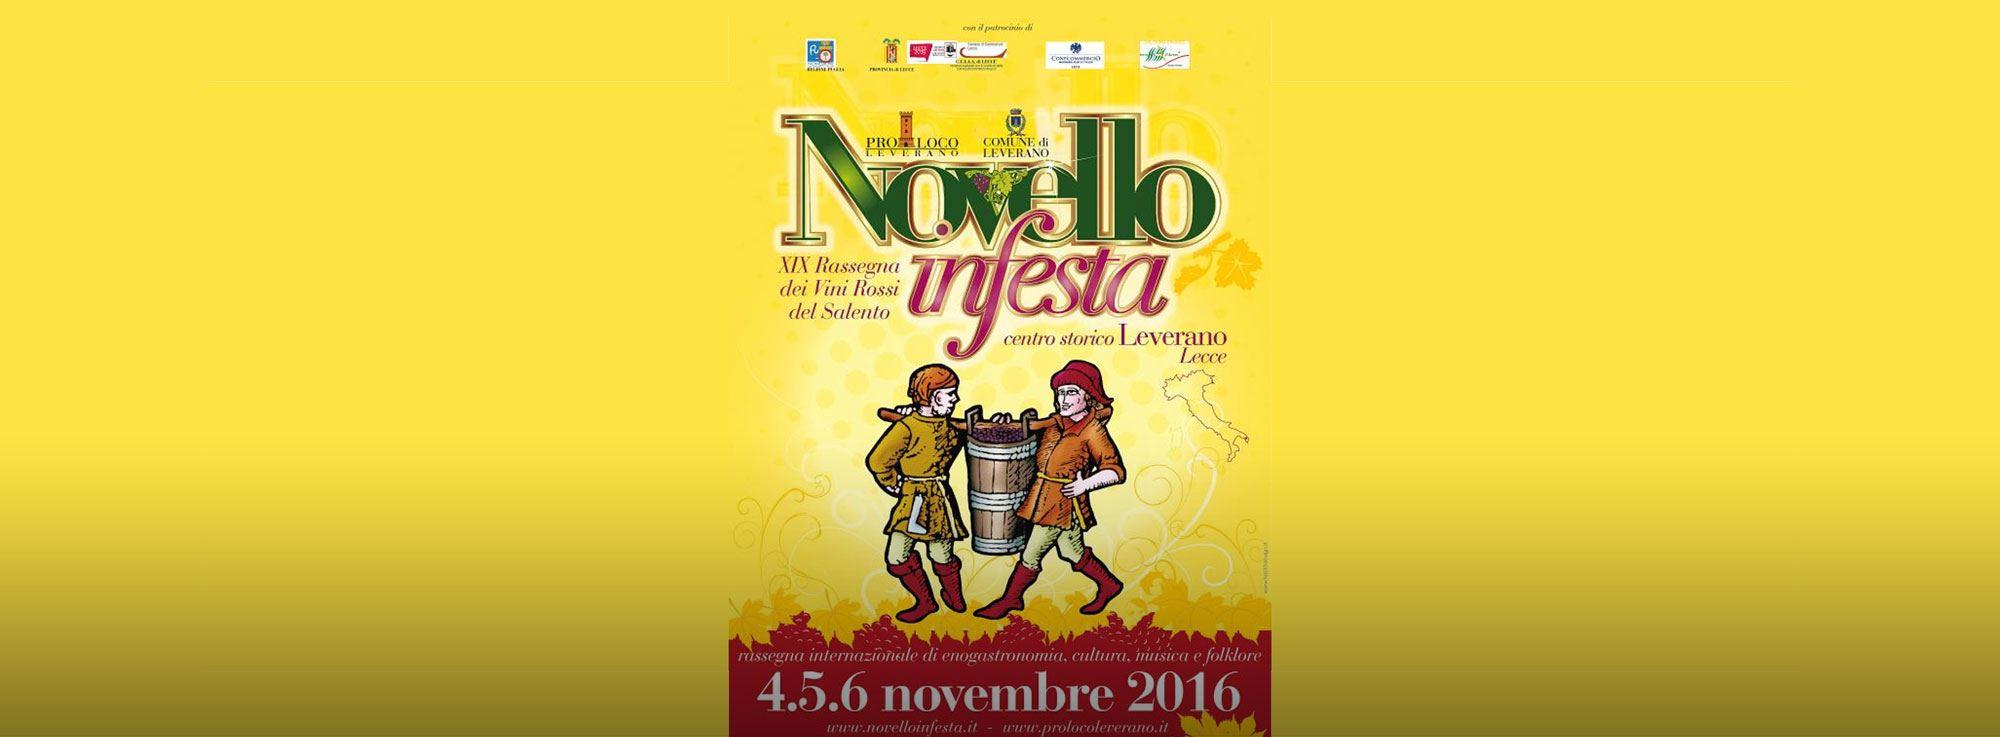 Leverano: Novello in Festa 2016